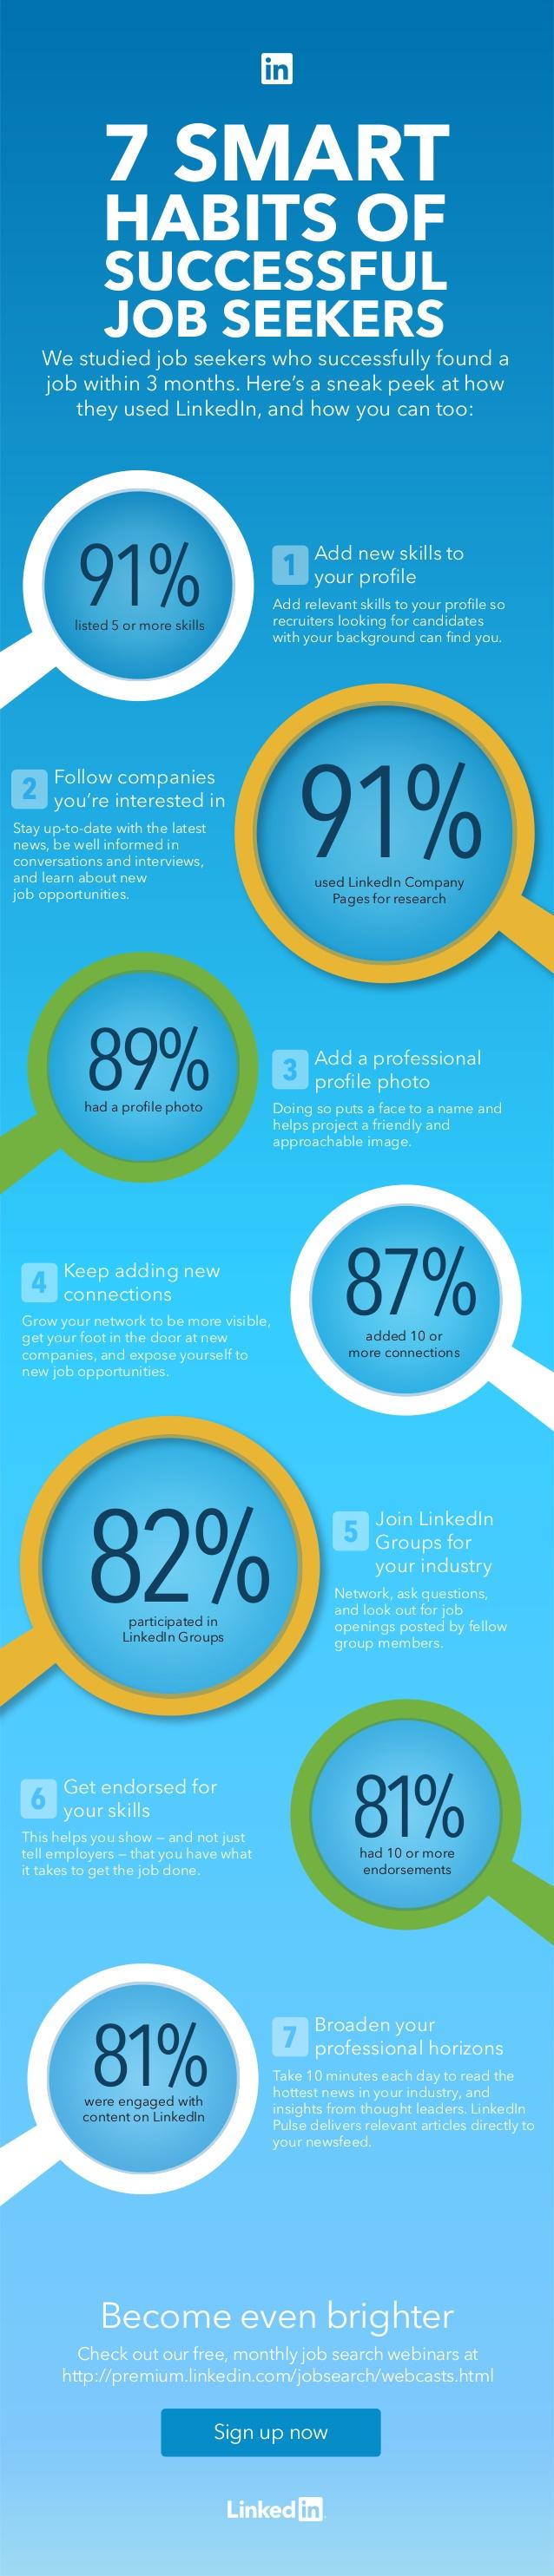 7 hábitos inteligentes para buscadores de #empleo con éxito